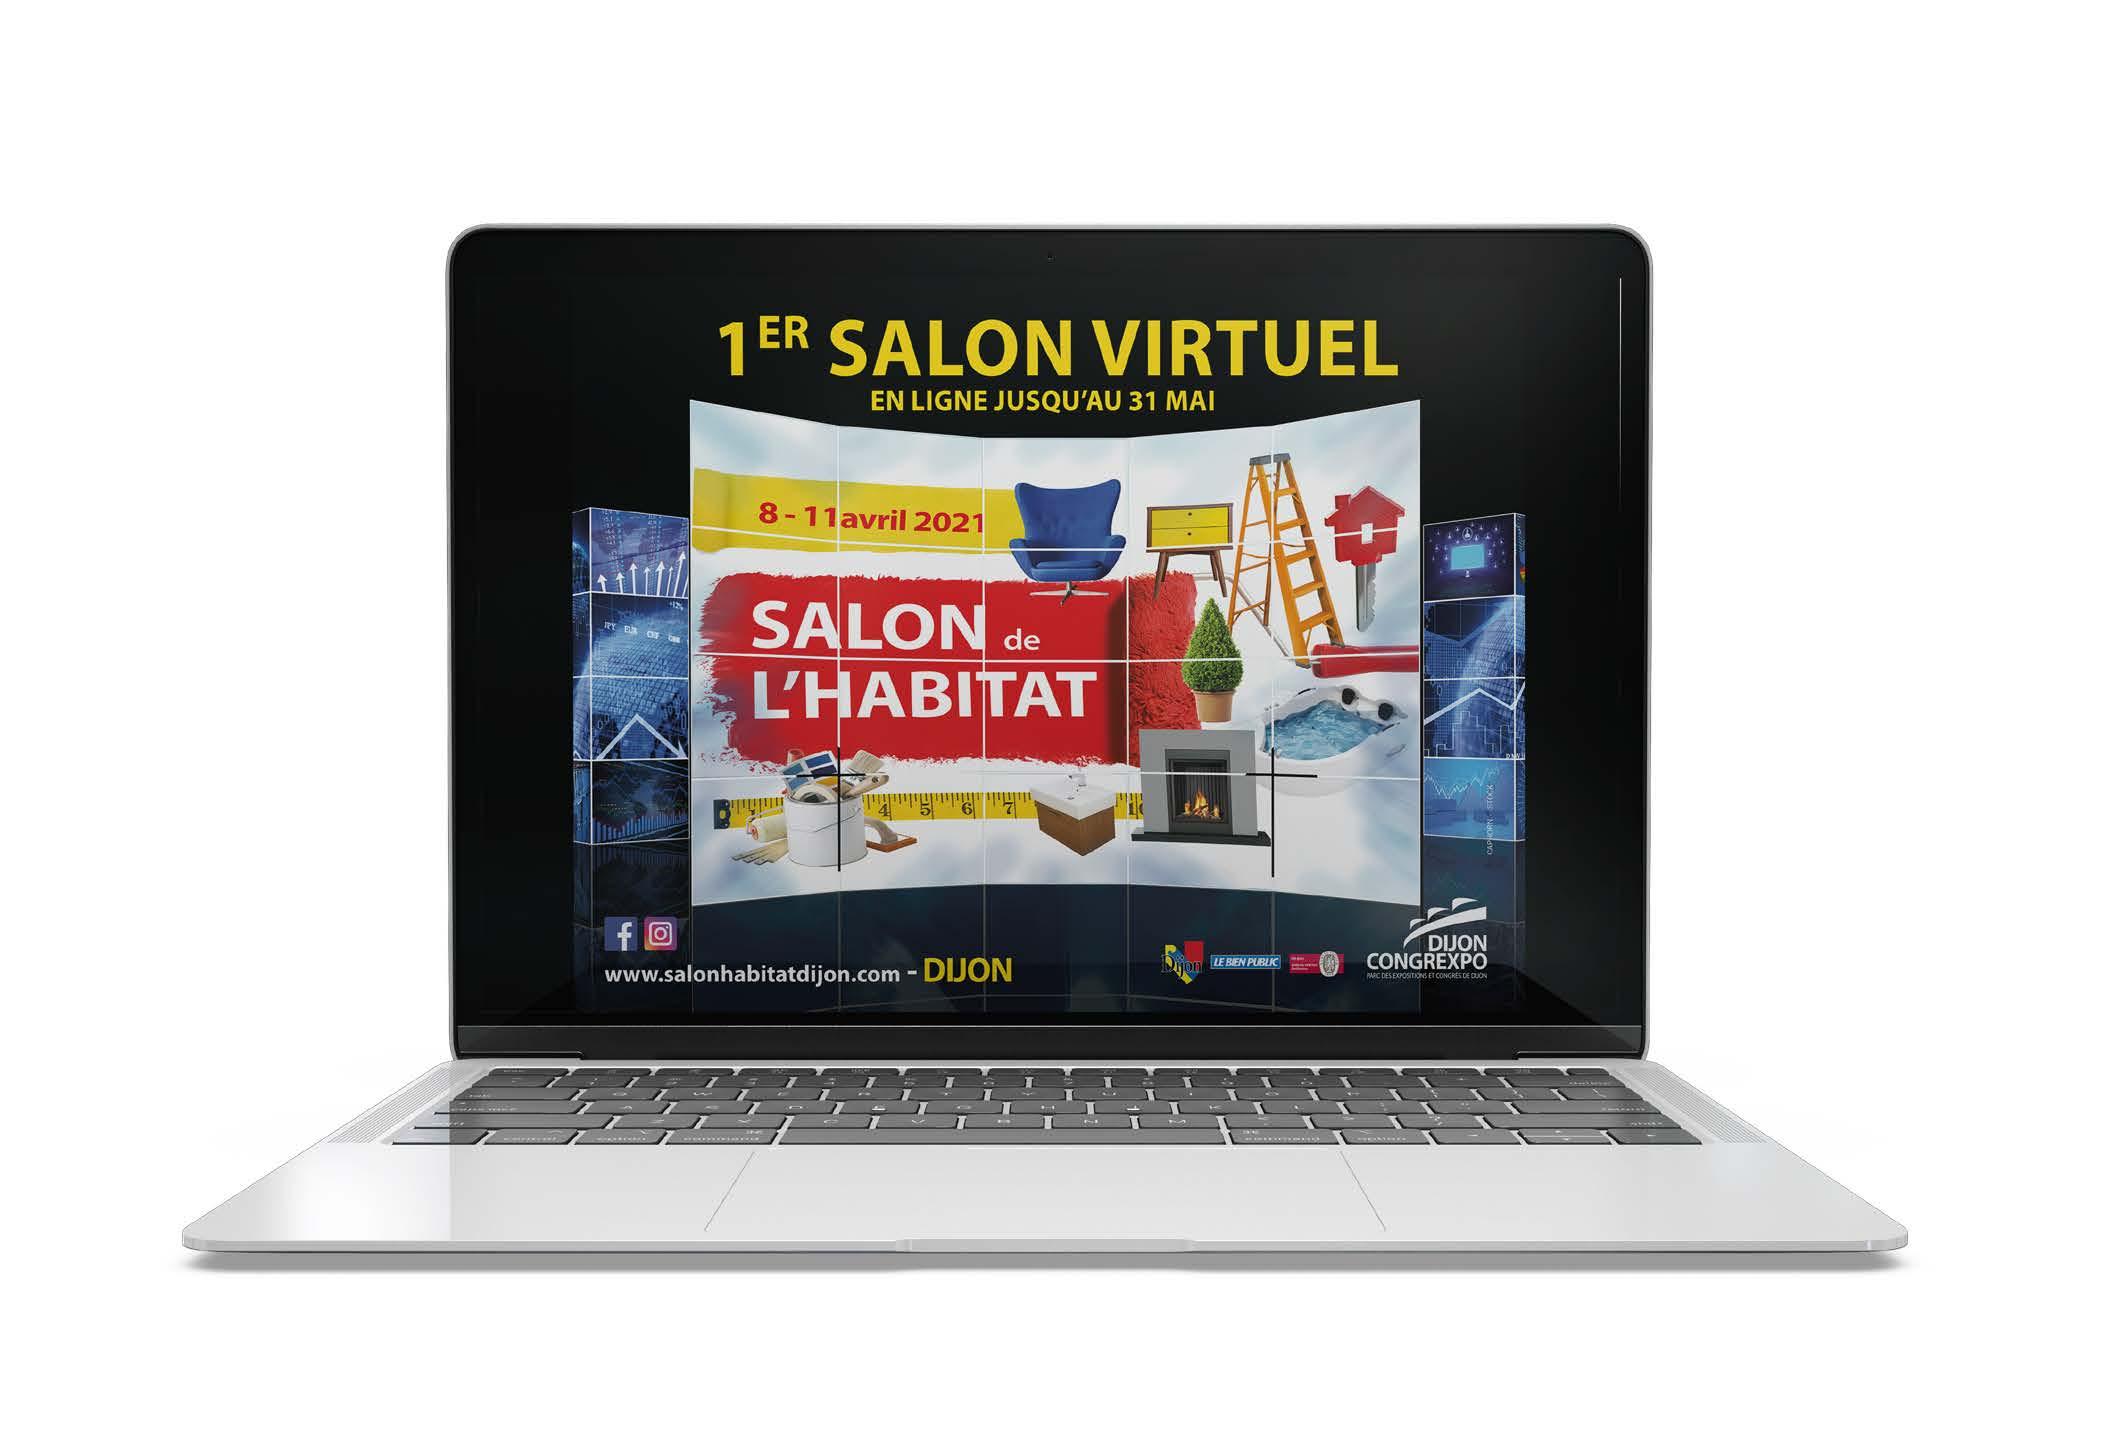 Dijon Congrexpo lance le premier Salon de l'habitat virtuel